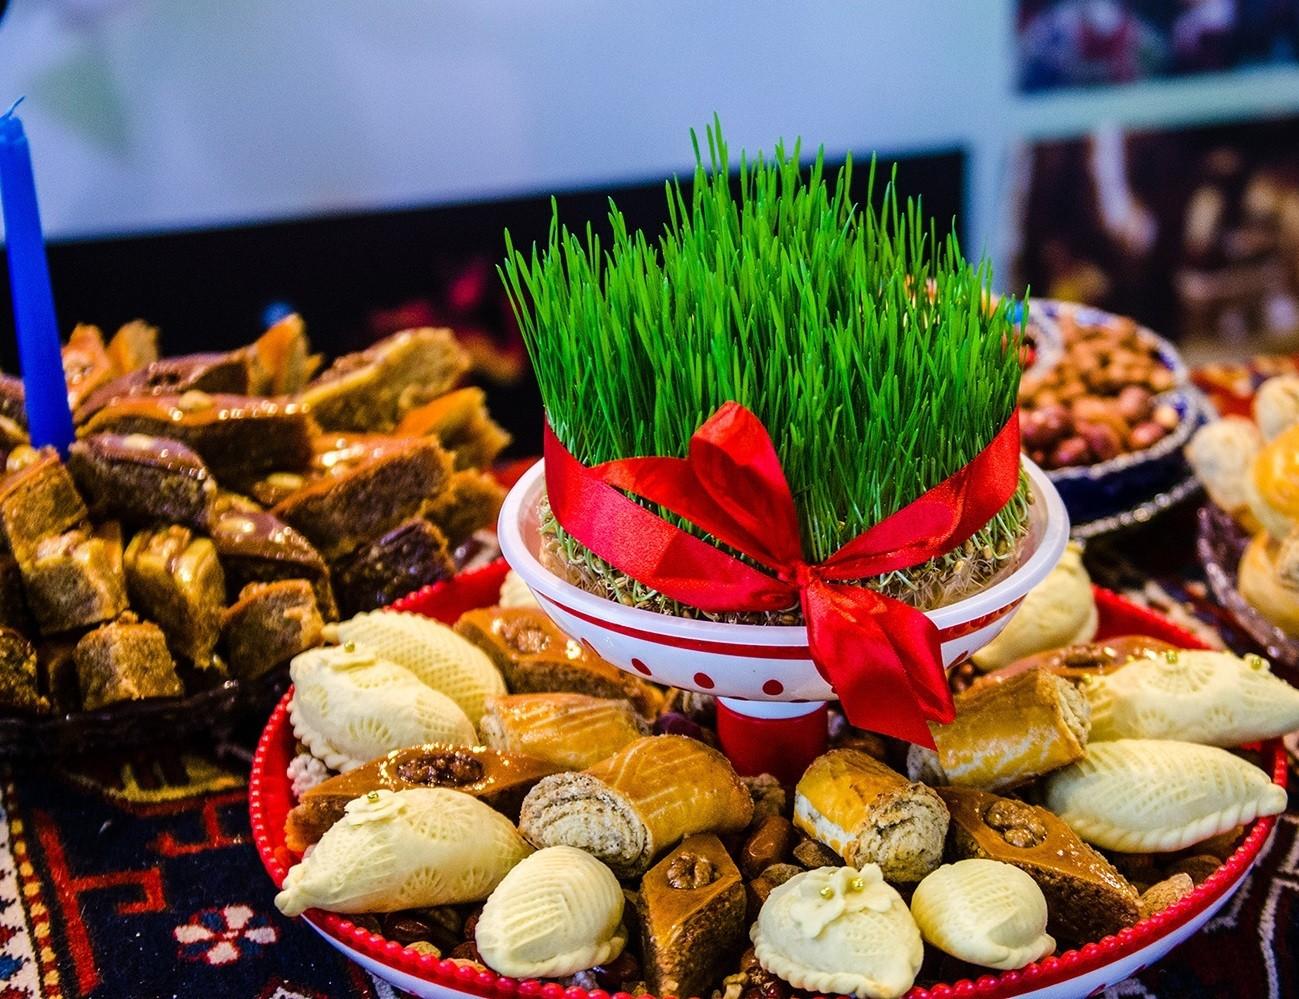 Народы встречают весну - отмечают праздник Навруз